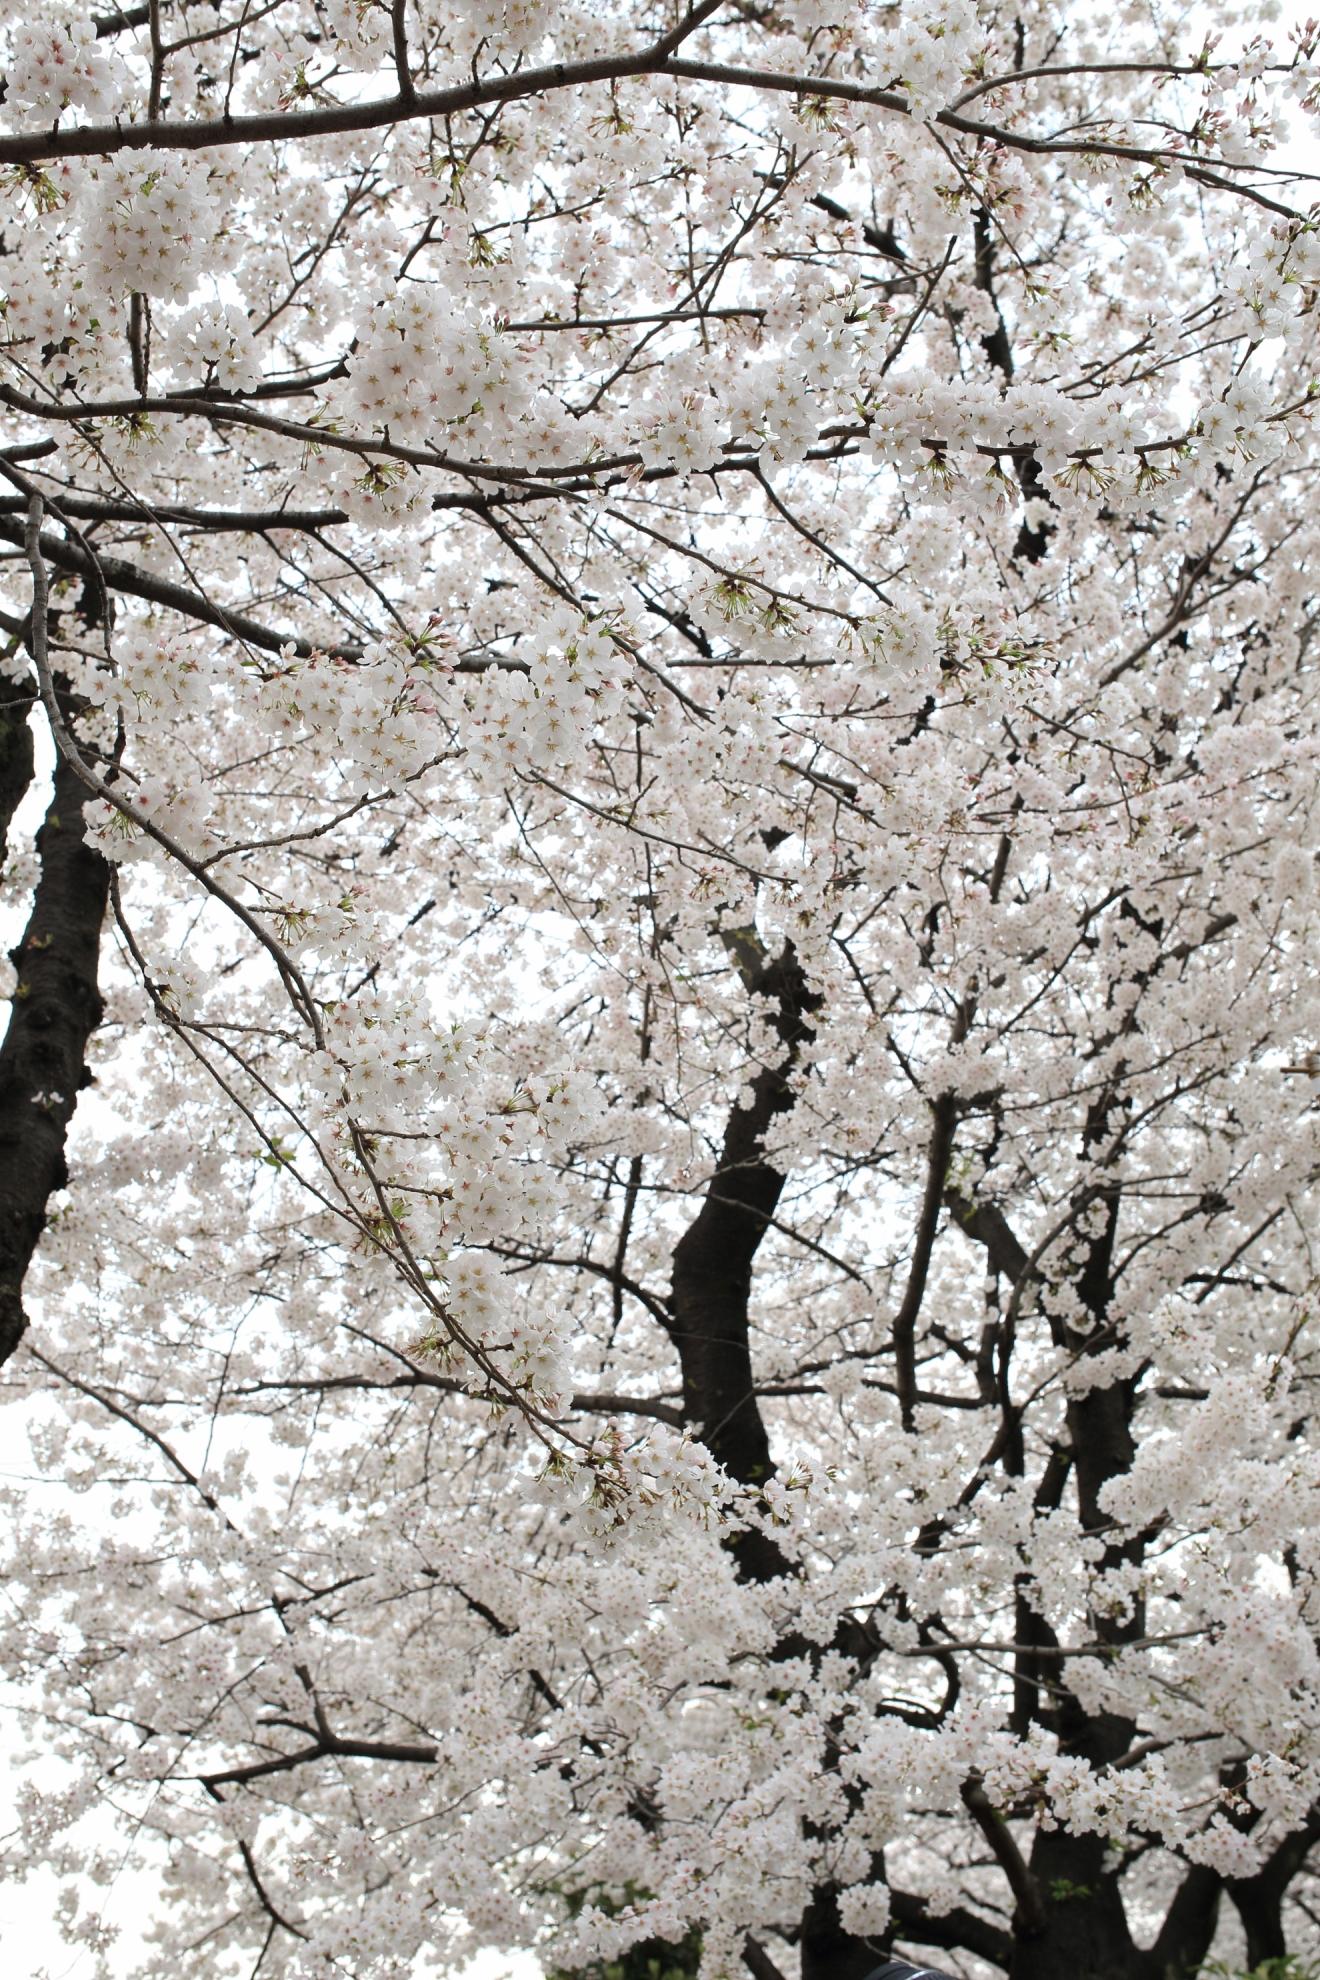 【WL写真部】 隅田公園 2013年3月24日